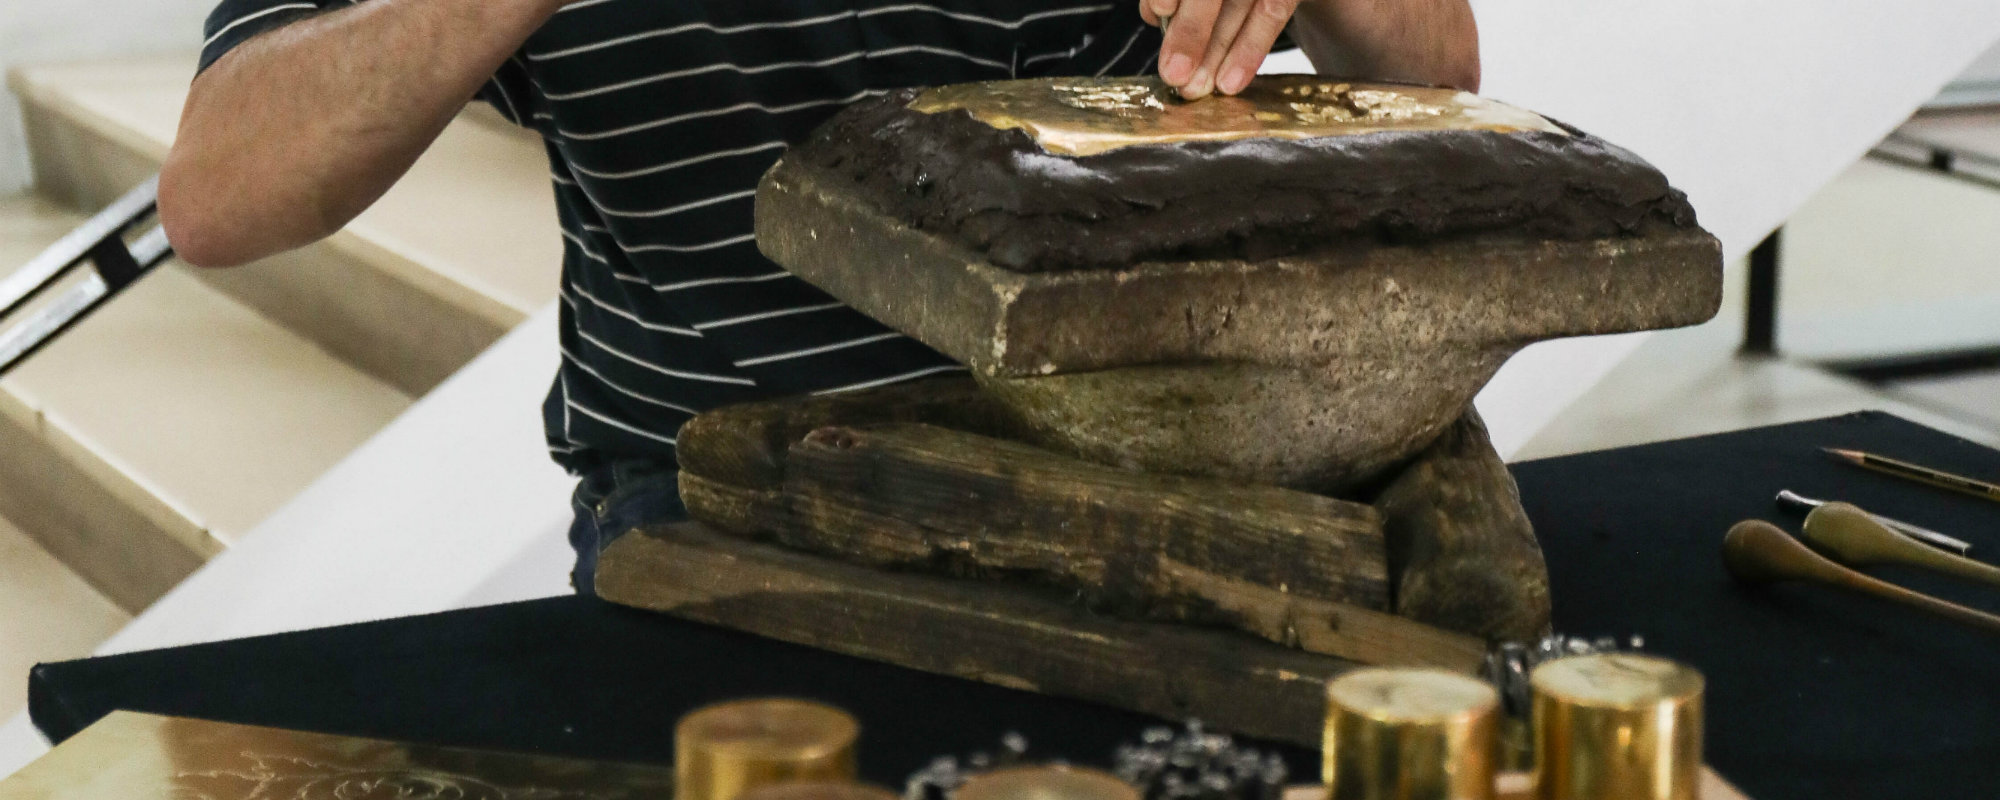 interiorismo de lujo La Fundación «Brhands» ha abierto las puertas a interiorismo de lujo Featured 2